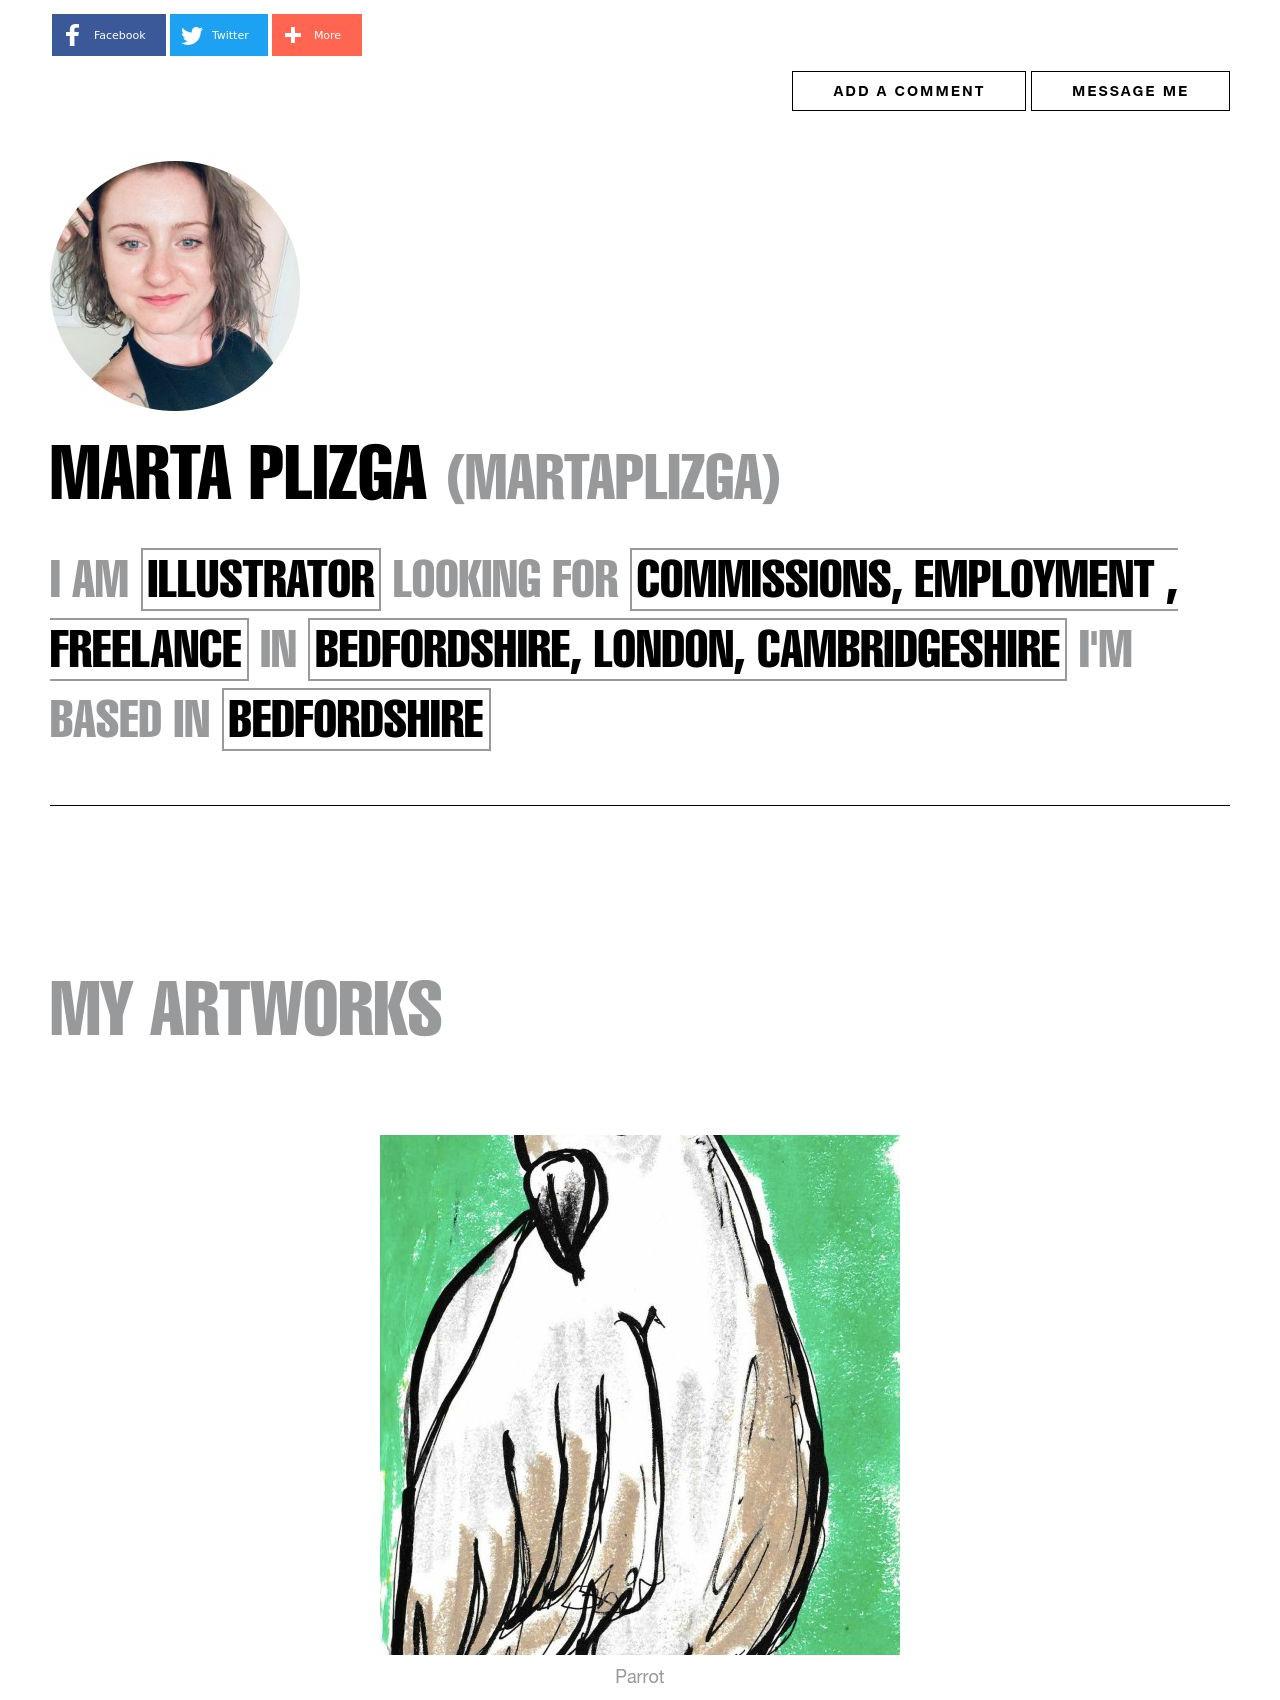 Marta Plizga